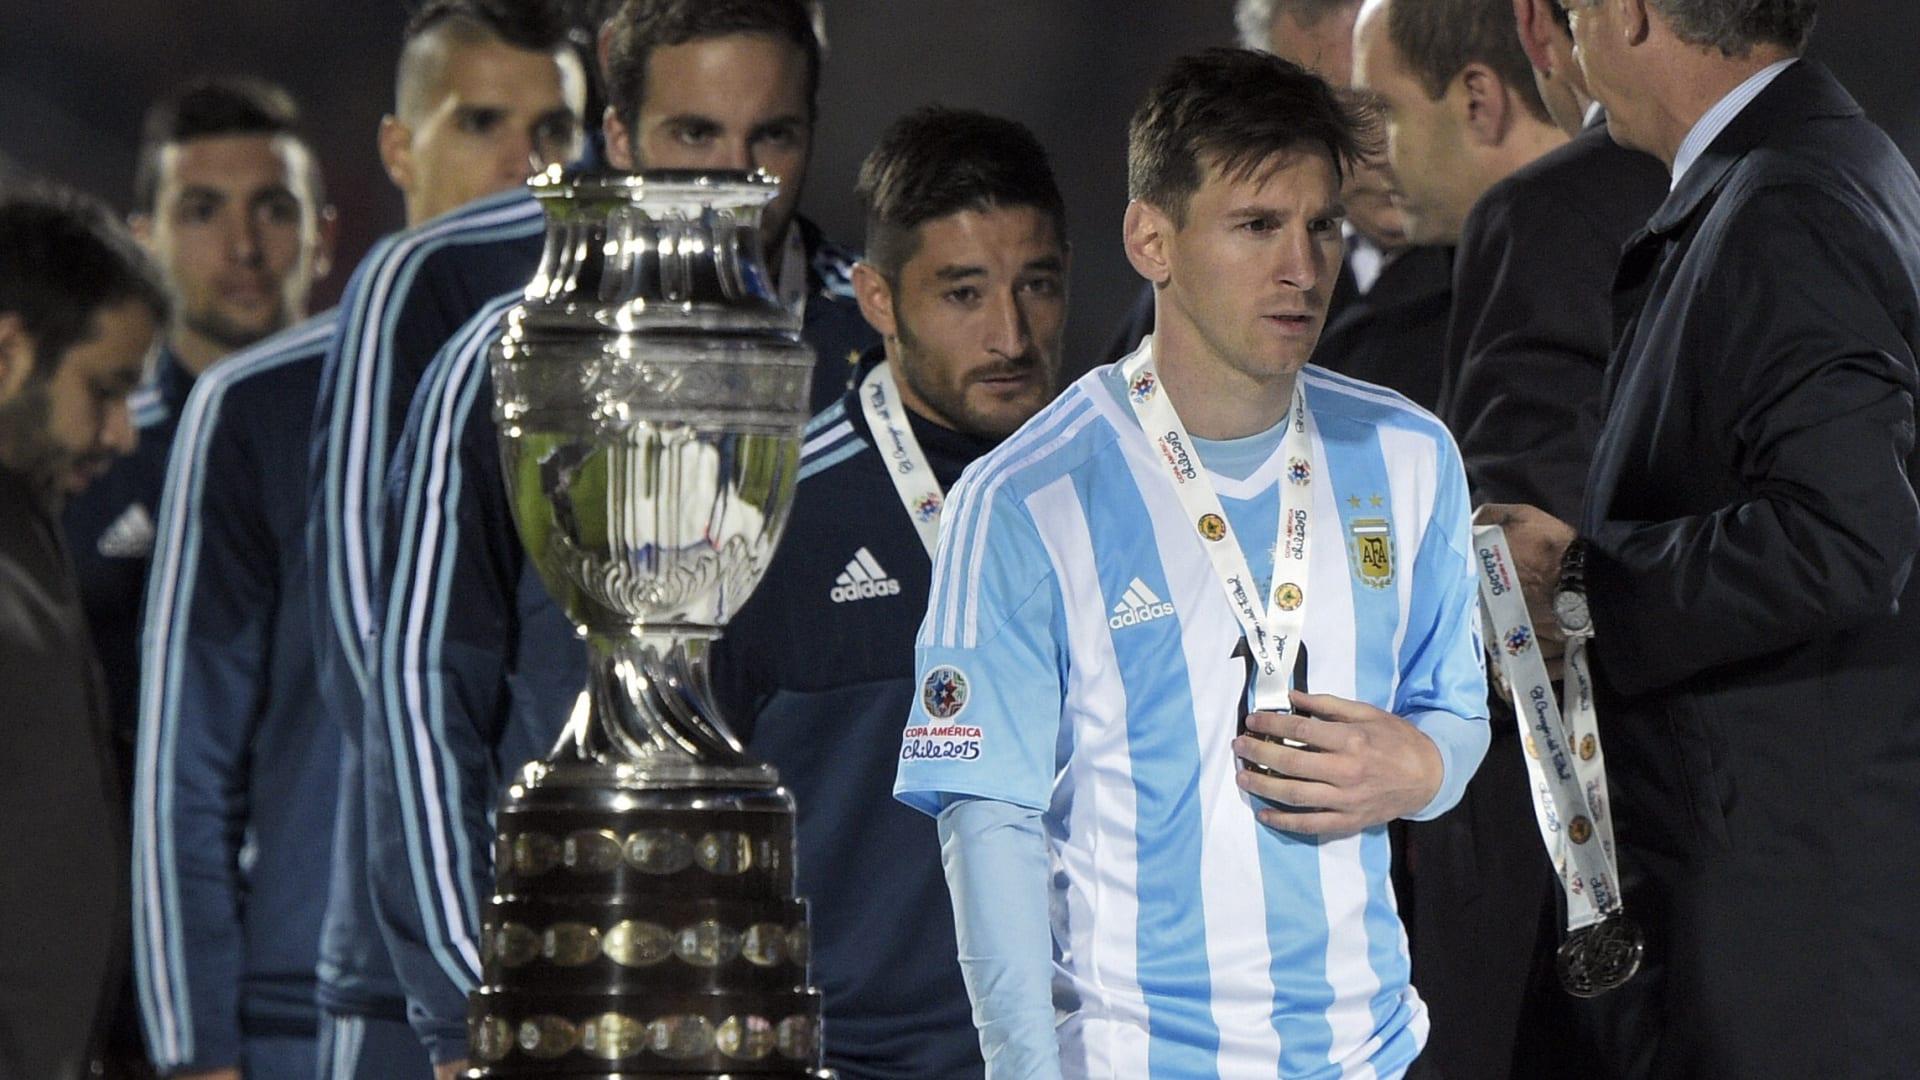 لاعب المنتخب الأرجنتيني ليونيل ميسي يستلم الميدالية الفضية بعد خسارة منتخبه أمام تشيلي.